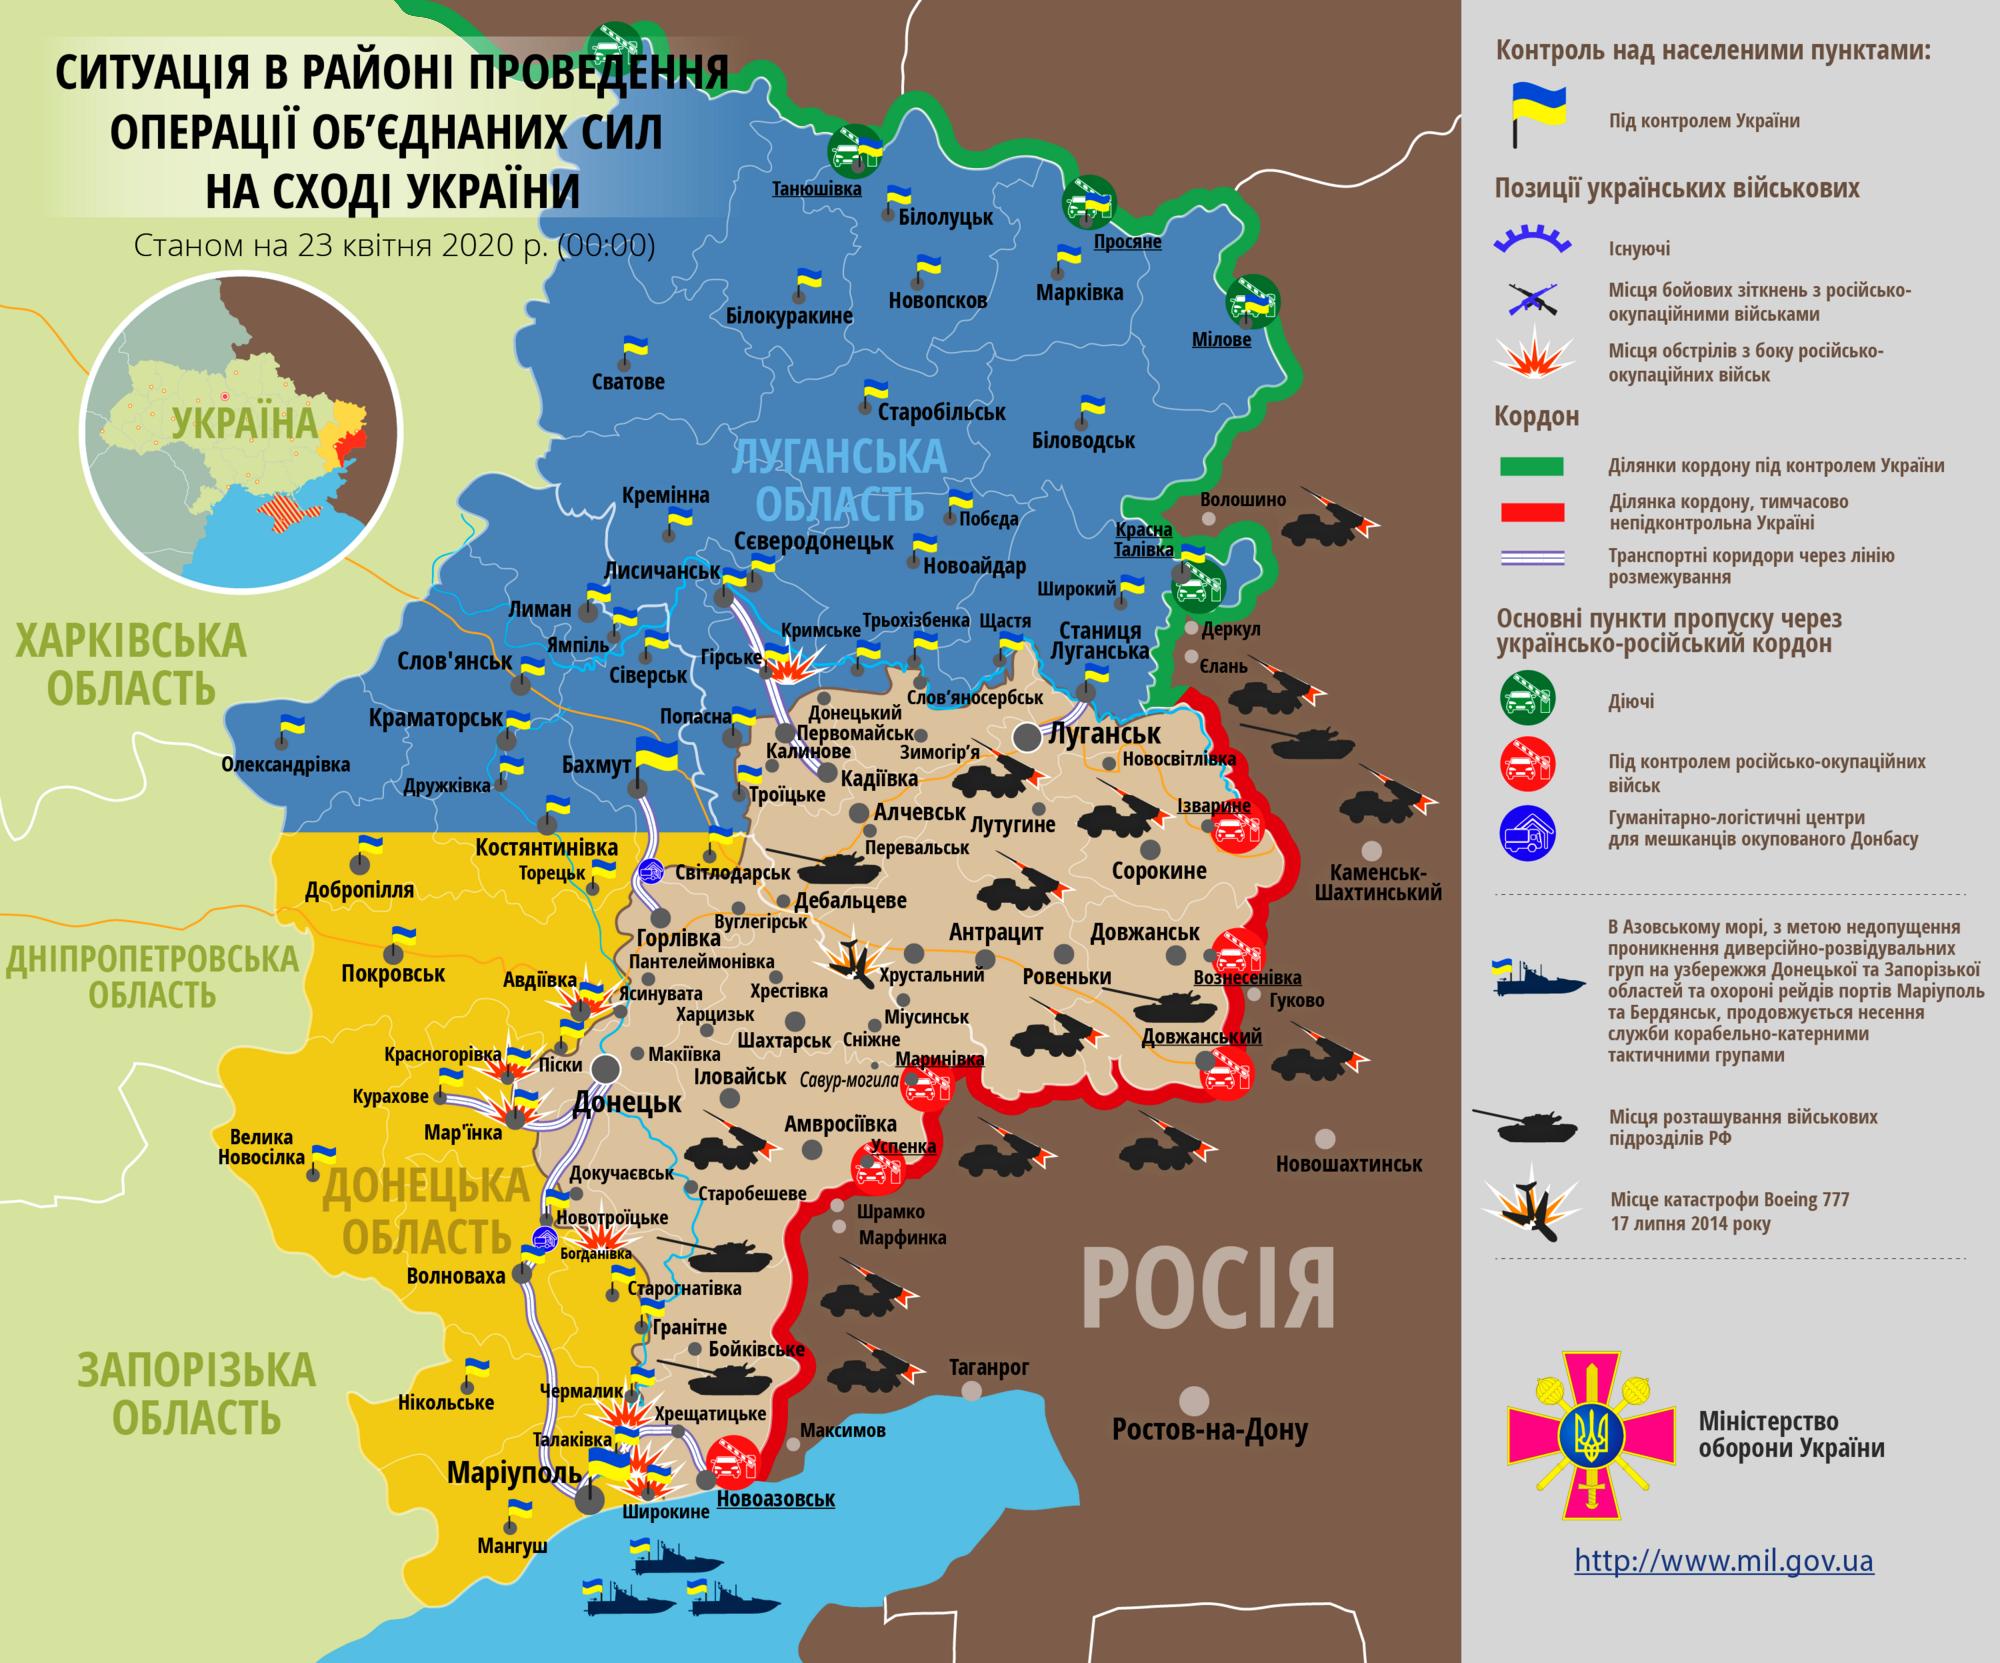 Ситуация в зоне ООС на Донбассе 23 апреля